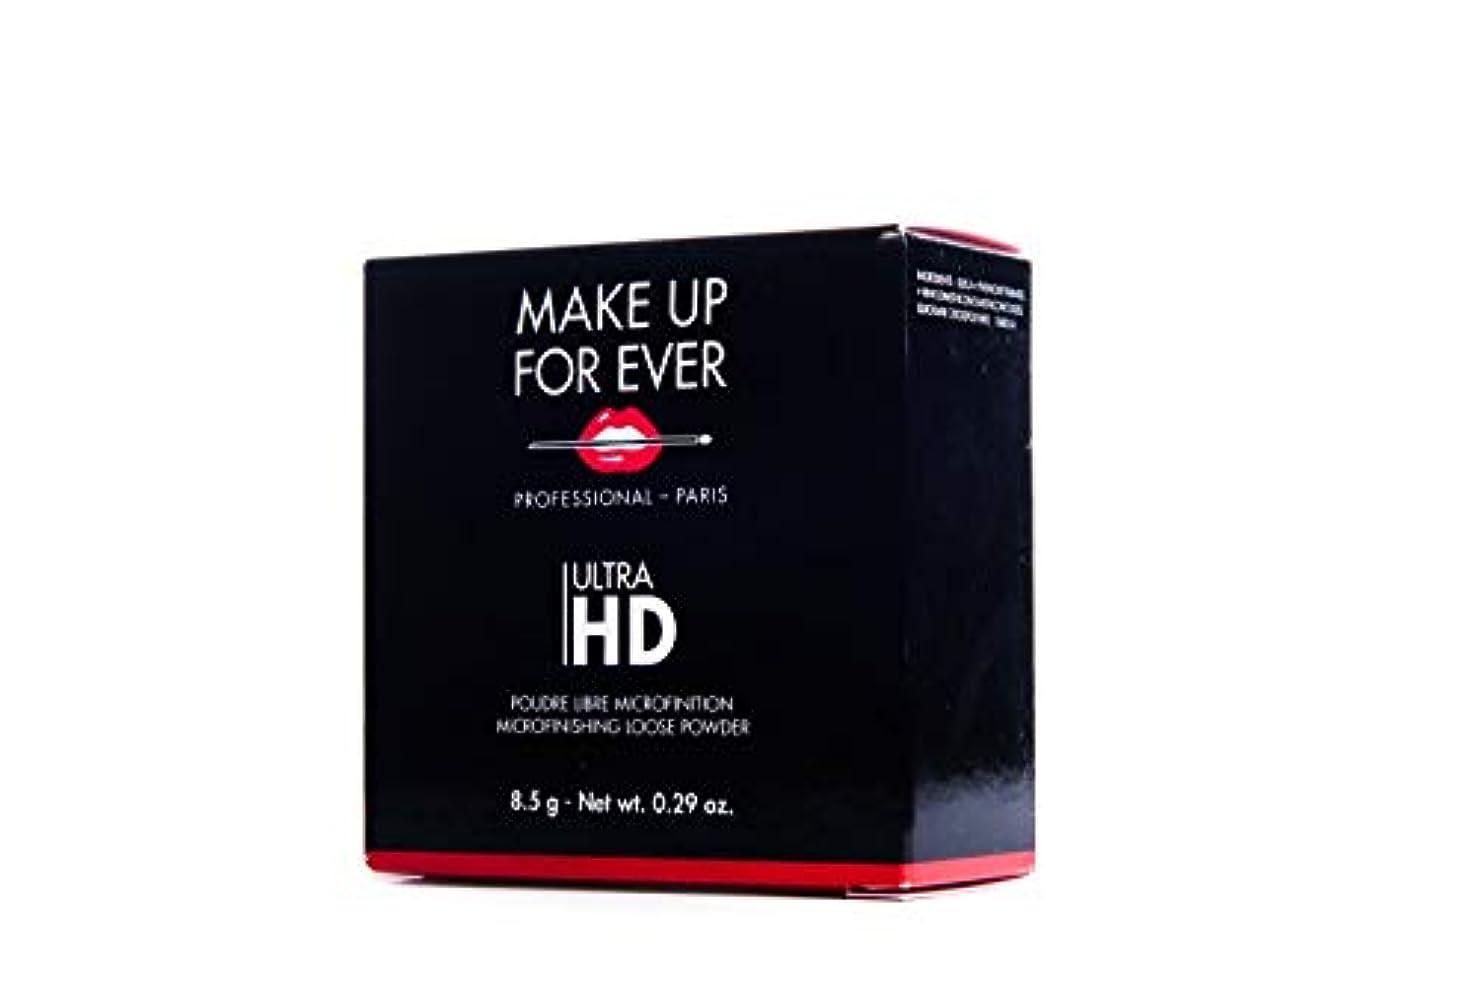 ロマンス事前に付けるメイクアップフォーエバー ウルトラ HD ルースパウダー 8.5g [リニューアル]